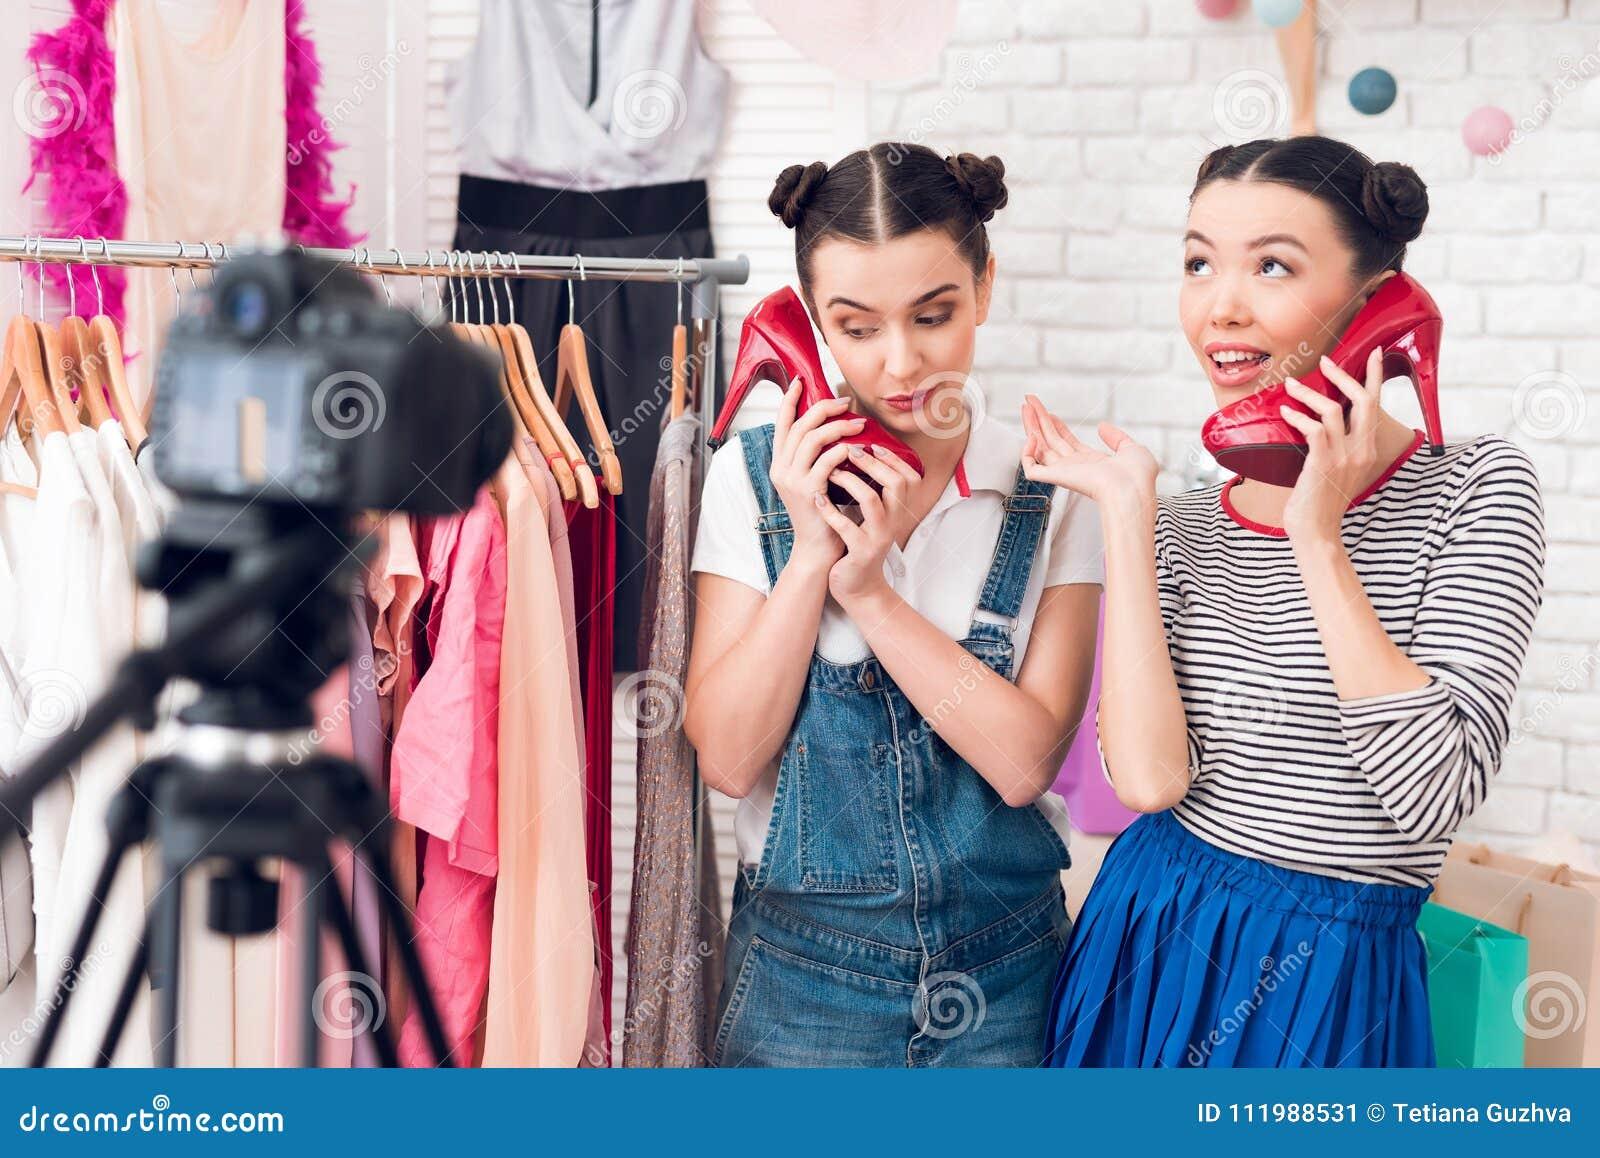 5ec4bf85da7 Actual vestido colorido de dos de la moda muchachas del blogger y zapatos  rojos a la